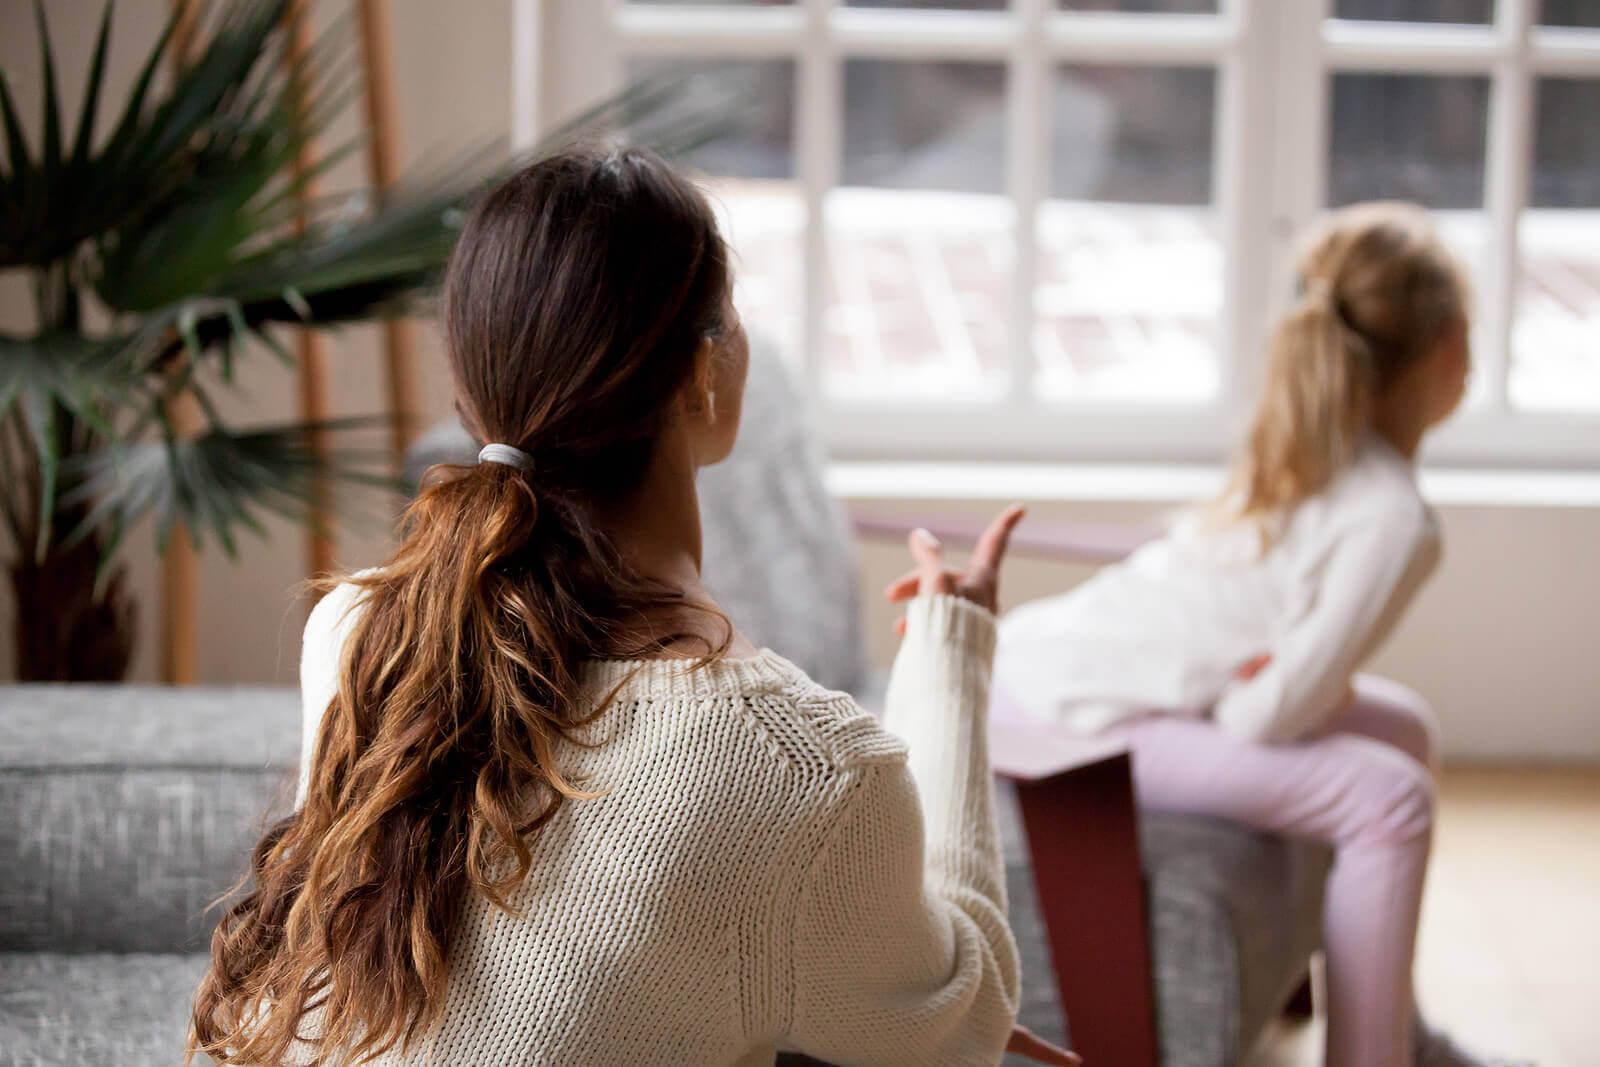 Disciplinära problem hos barn: mamma pratar med flicka som vänder sig bort